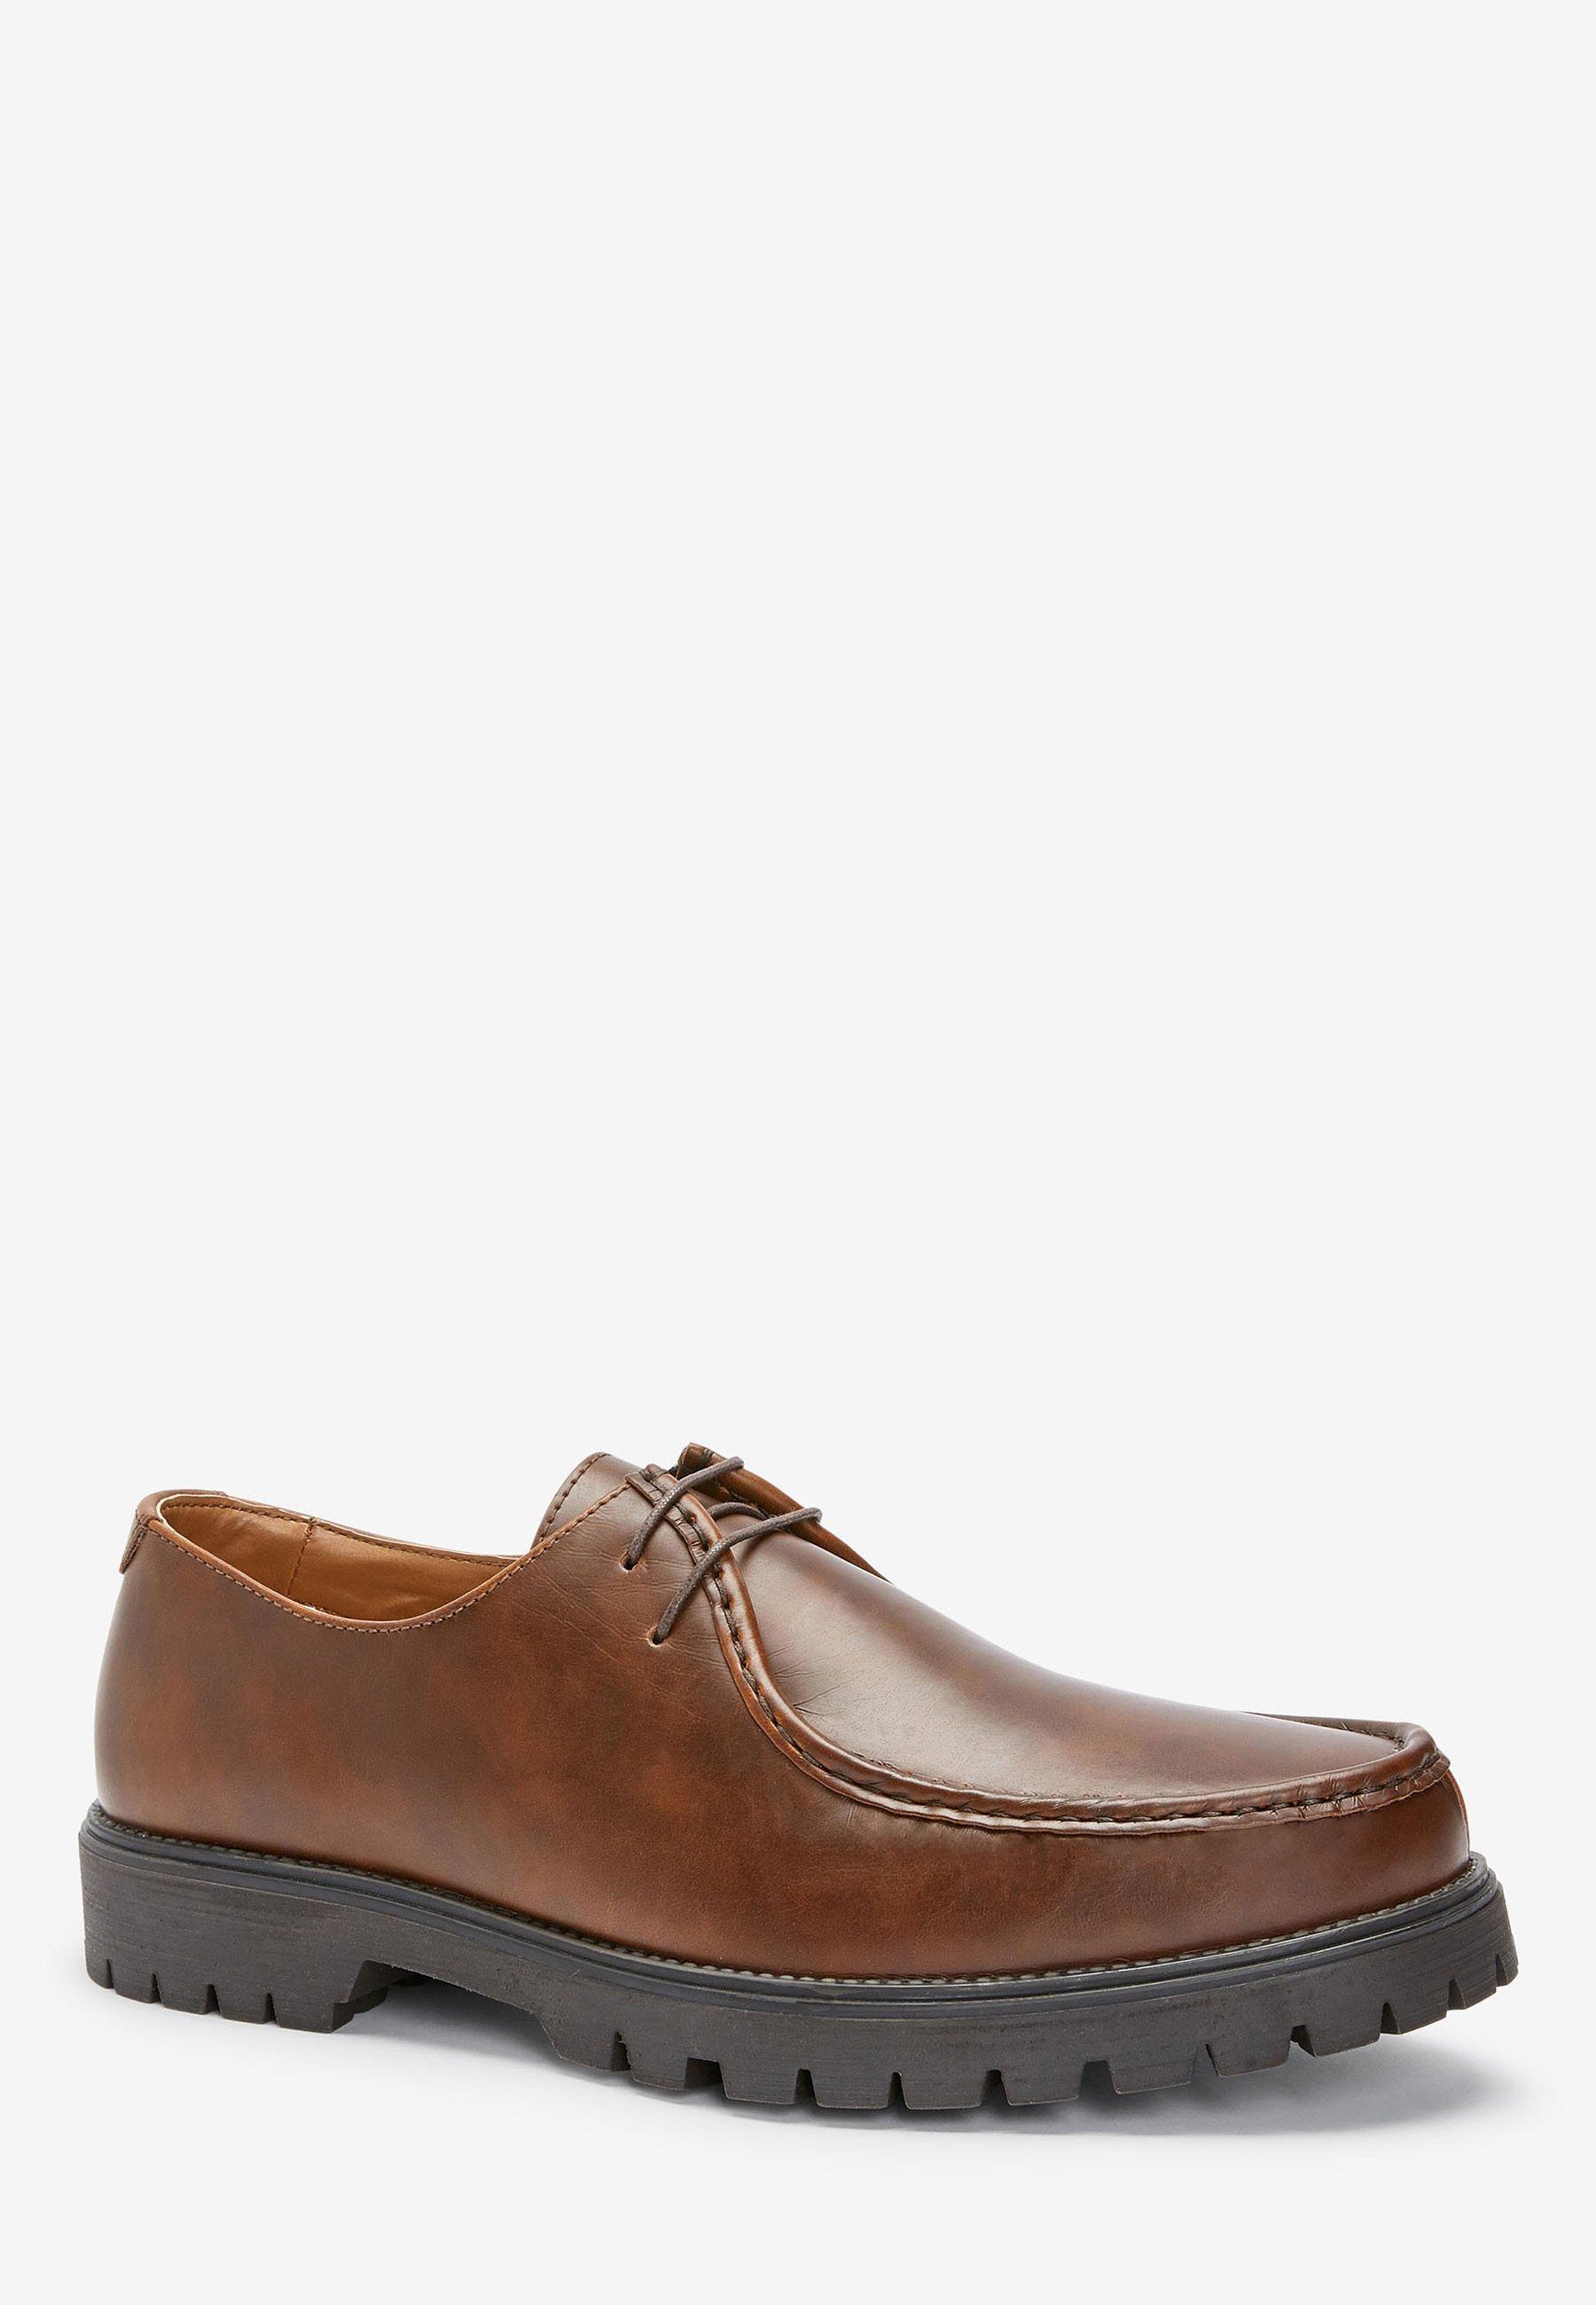 Next Snörskor - brown/brun - Herrskor 6jAfI